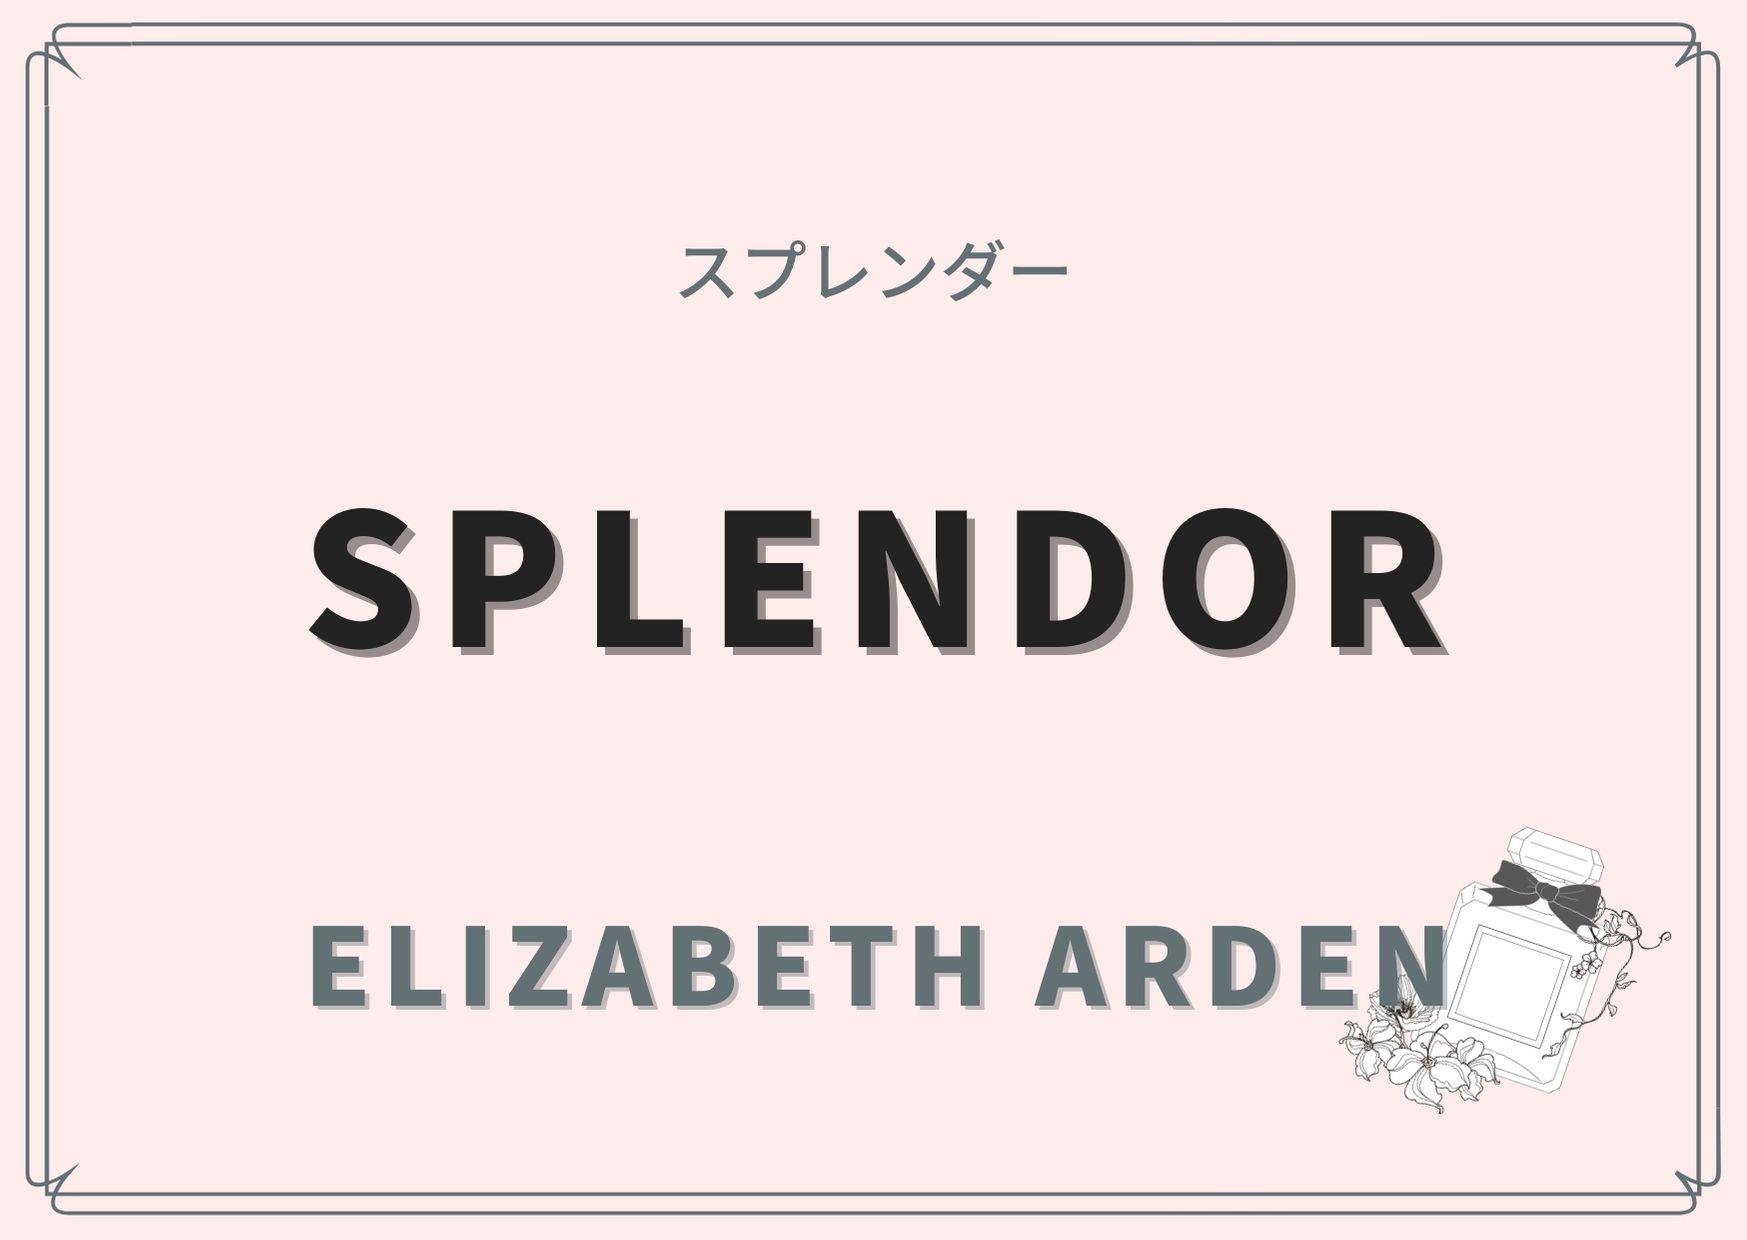 Splendor(スプレンダー)/Elizabeth Arden(エリザベス アーデン)